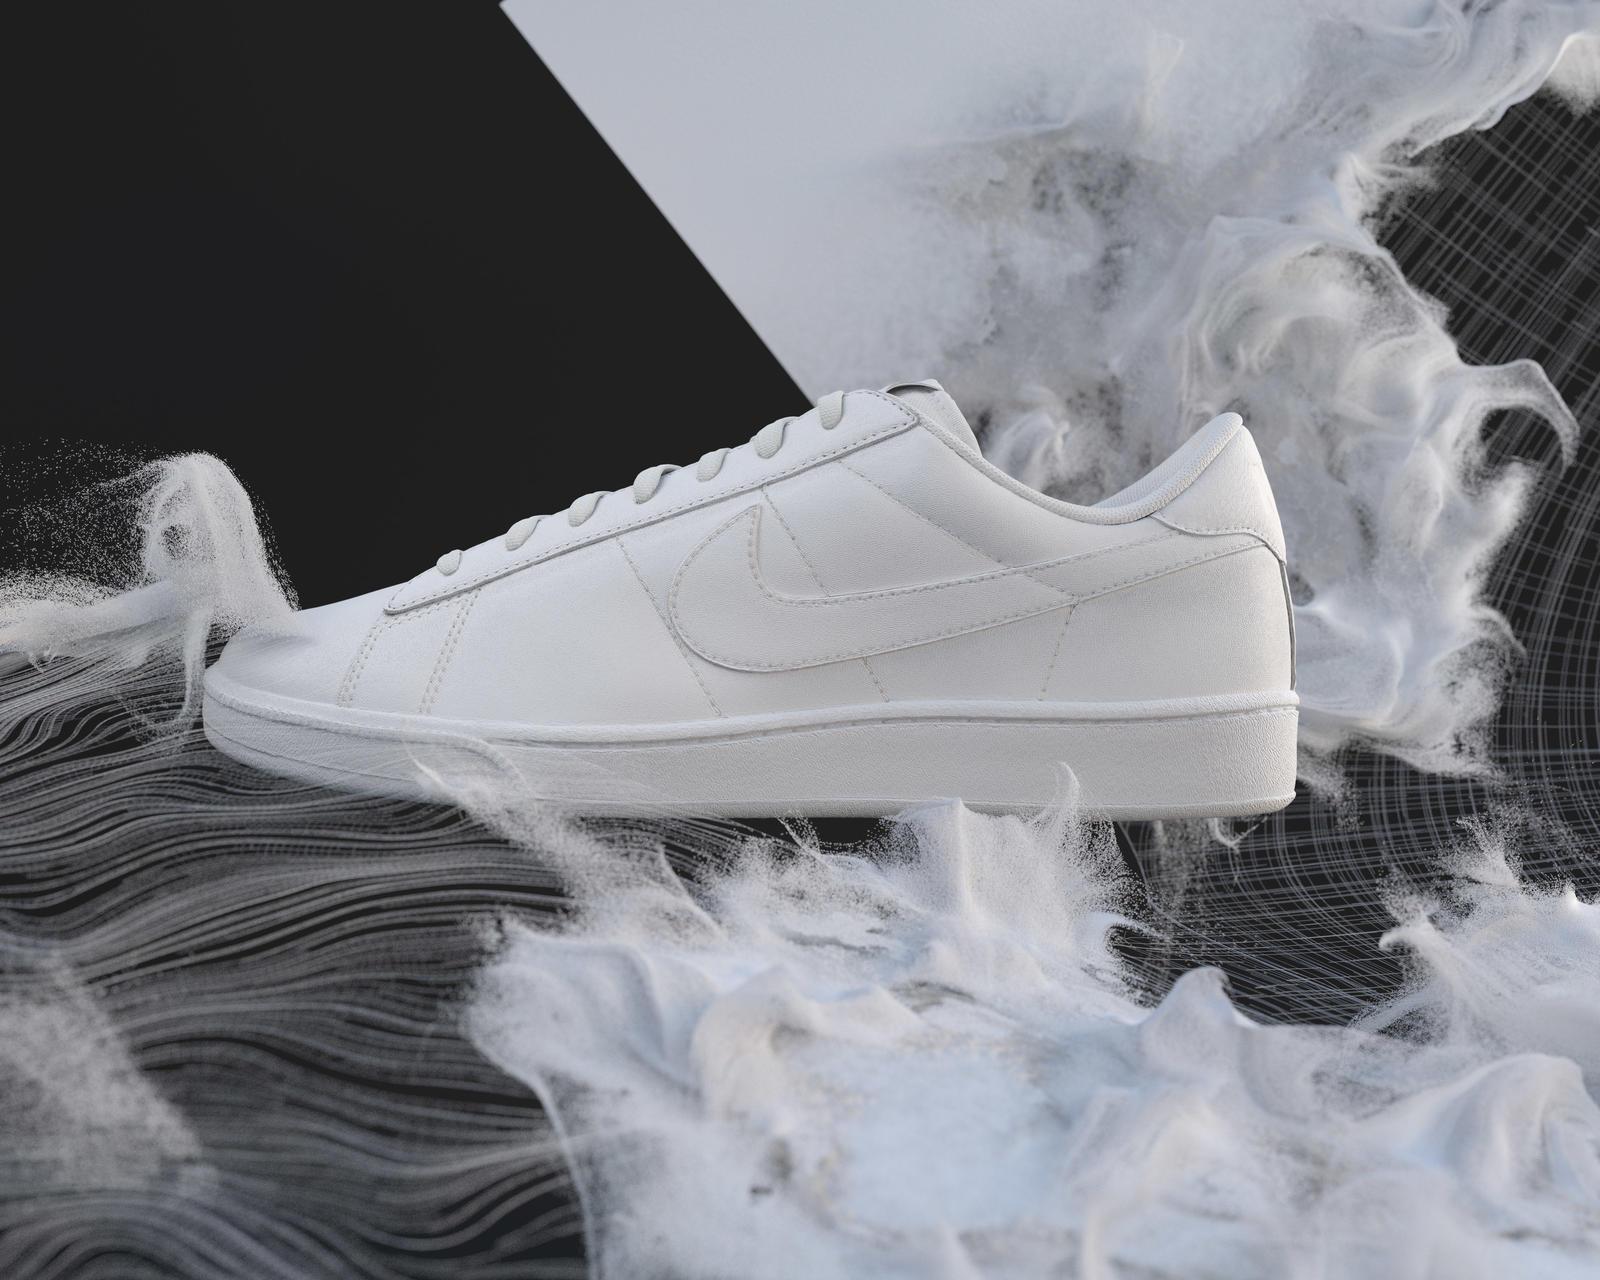 A Elindul Újrahasznosítás Nike Is Az IrányábaHumusz 0OPk8nwX